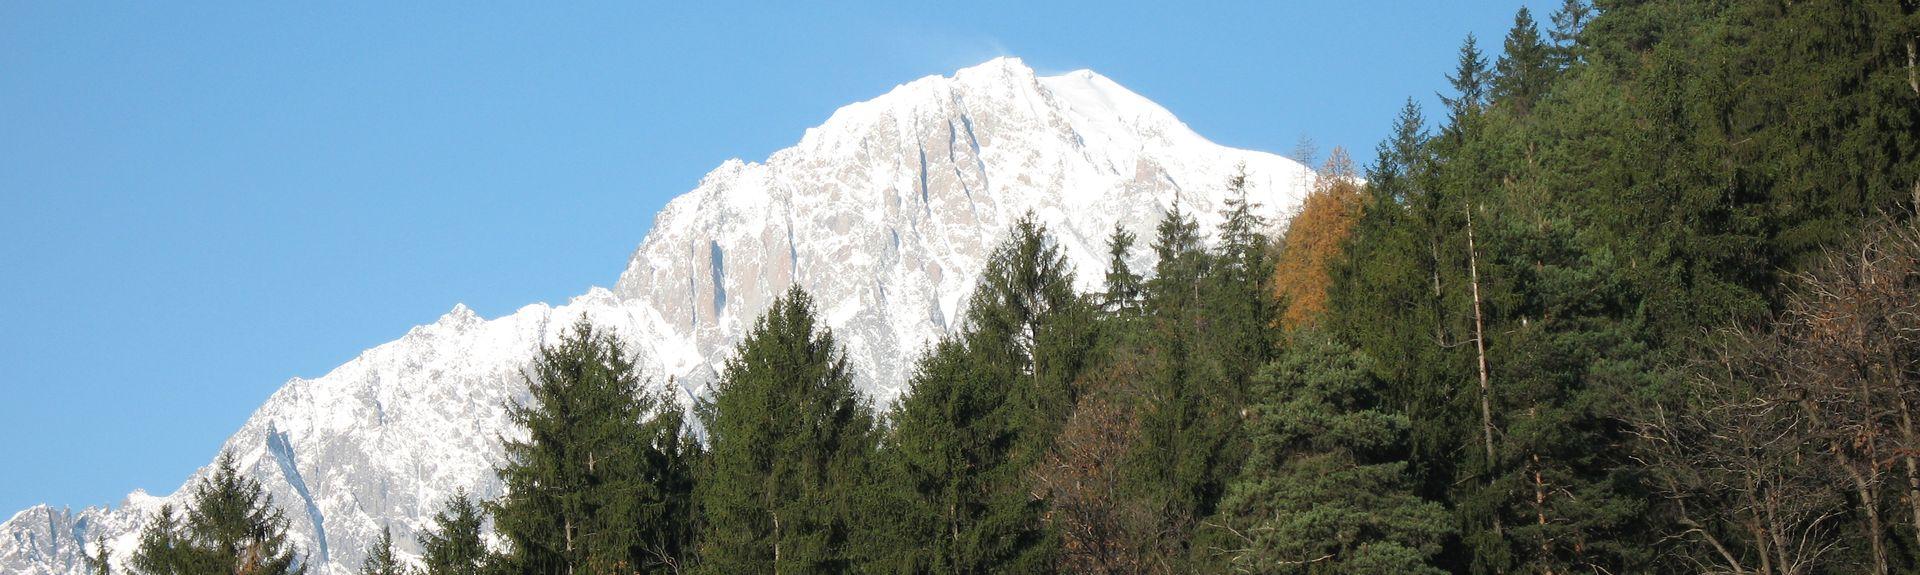 Champoluc, Ayas, Valle d'Aosta, Italy